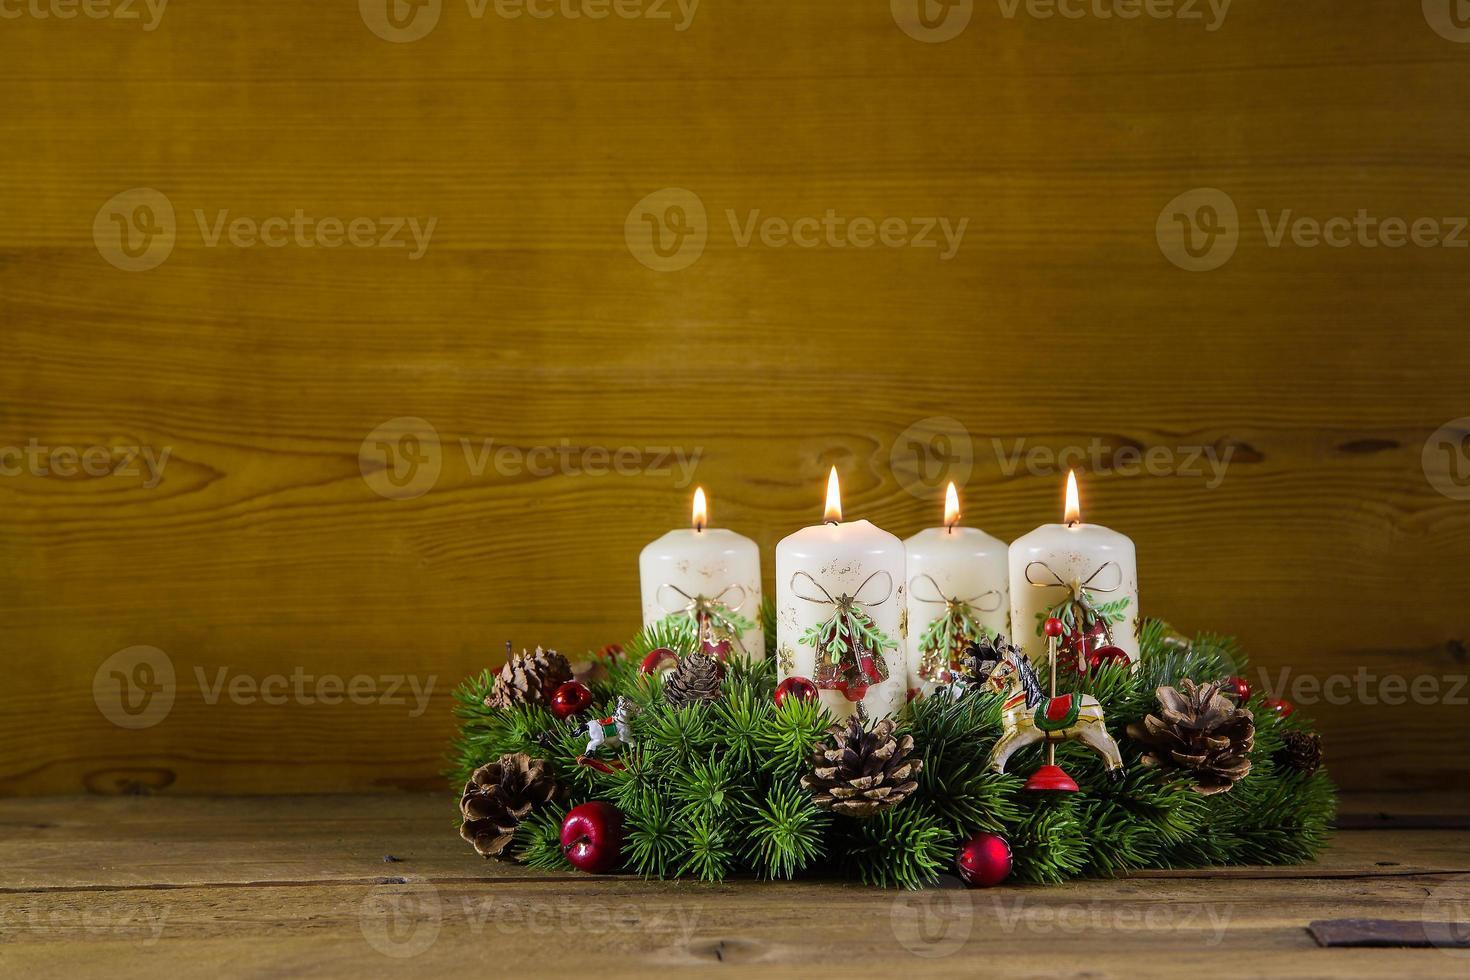 coroa rústica do advento ou coroa com quatro velas brancas acesas. foto